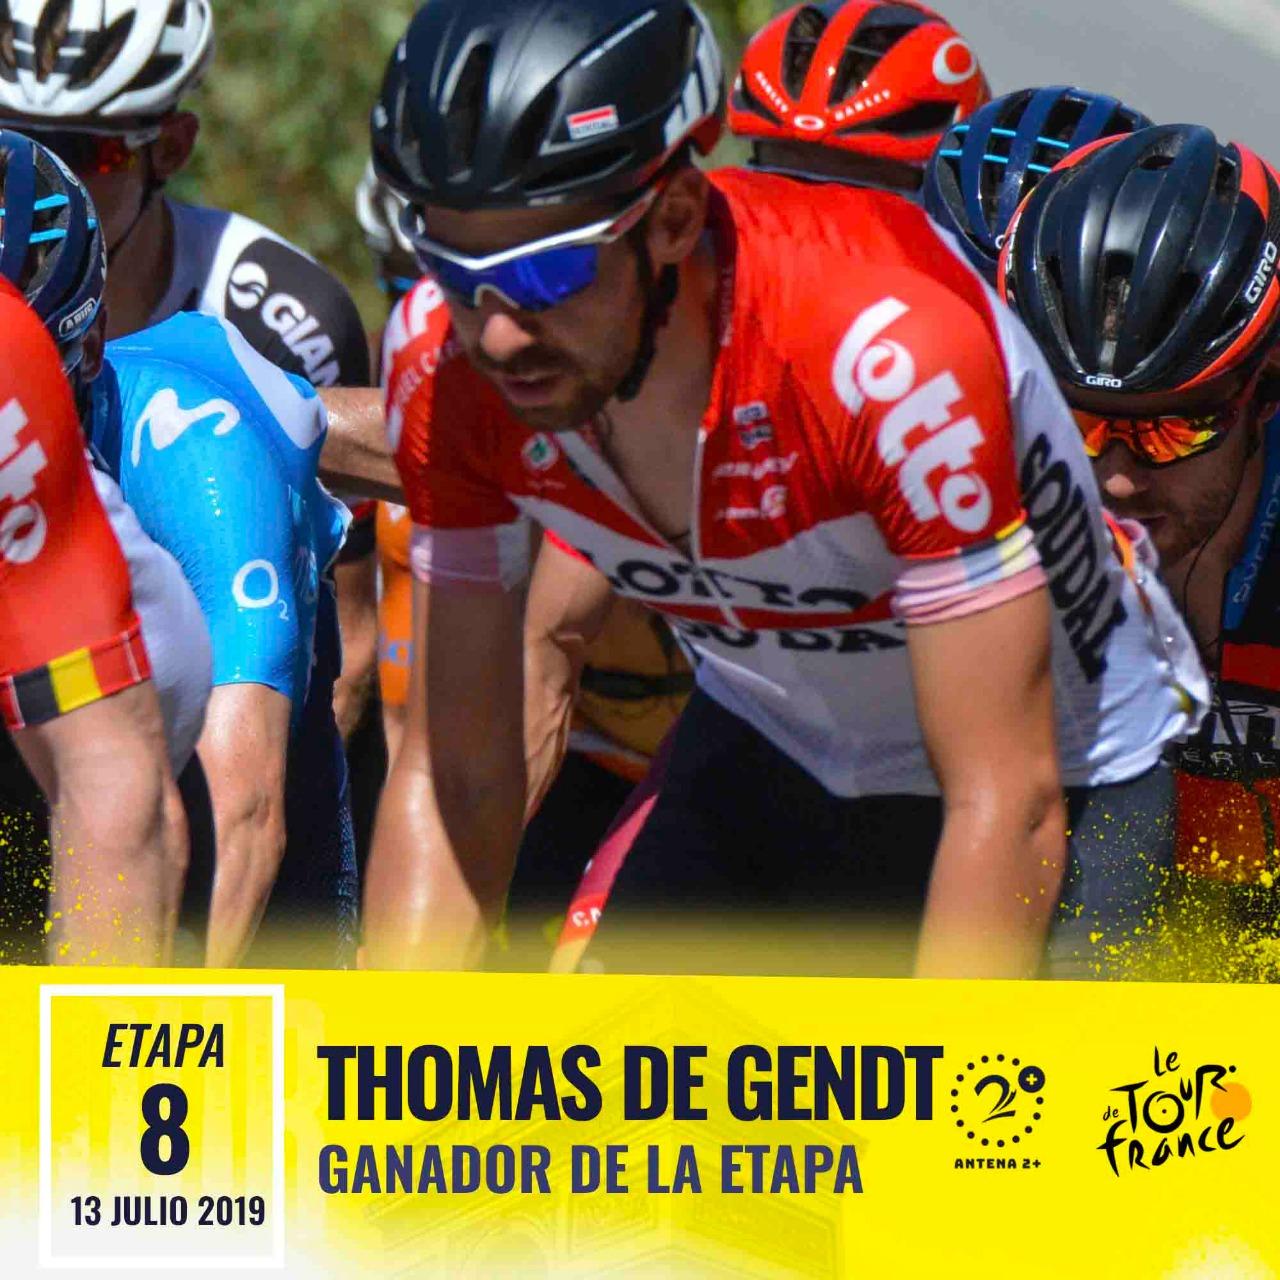 Thomas de Gendt ganó la octava etapa del Tour de Francia